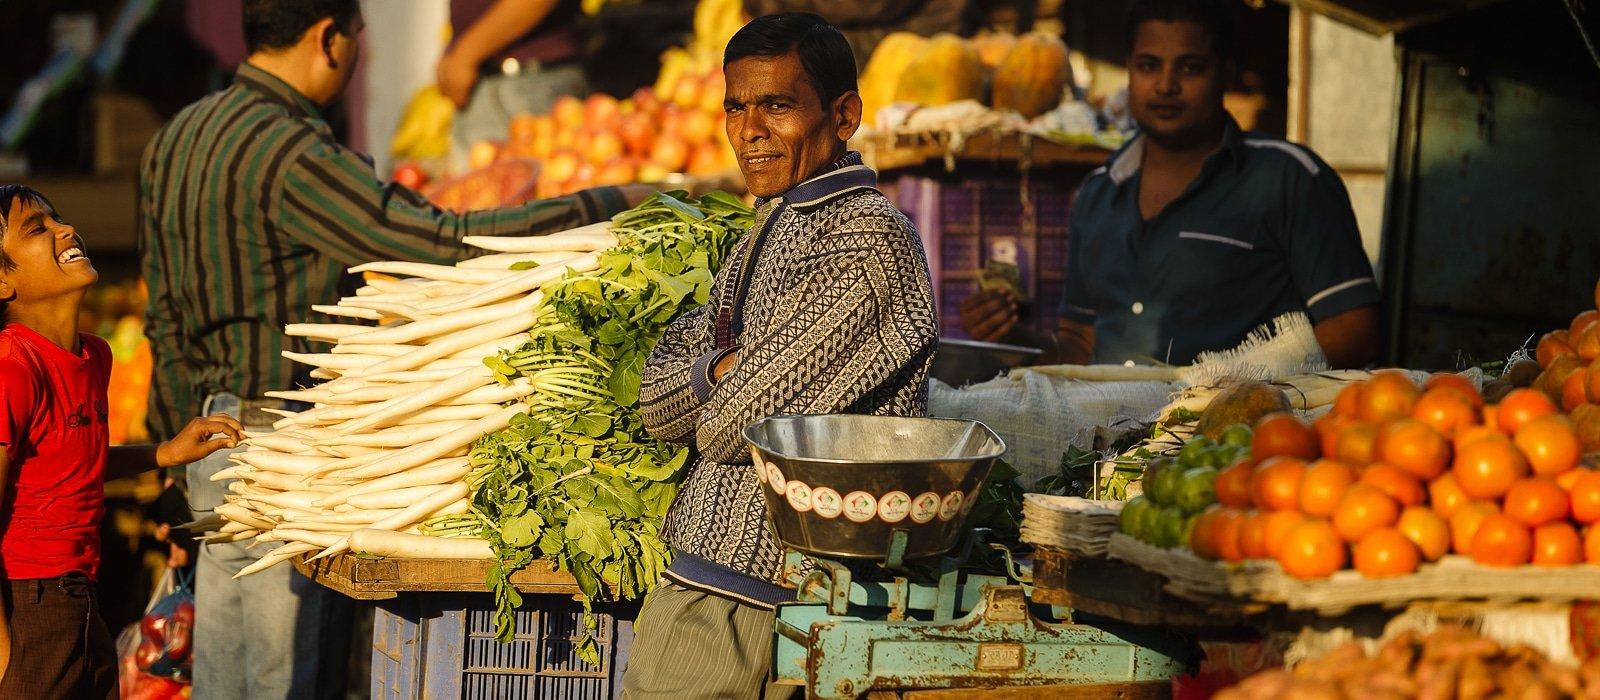 img-diapo-entete - Rajasthan-1600x700-12.jpg